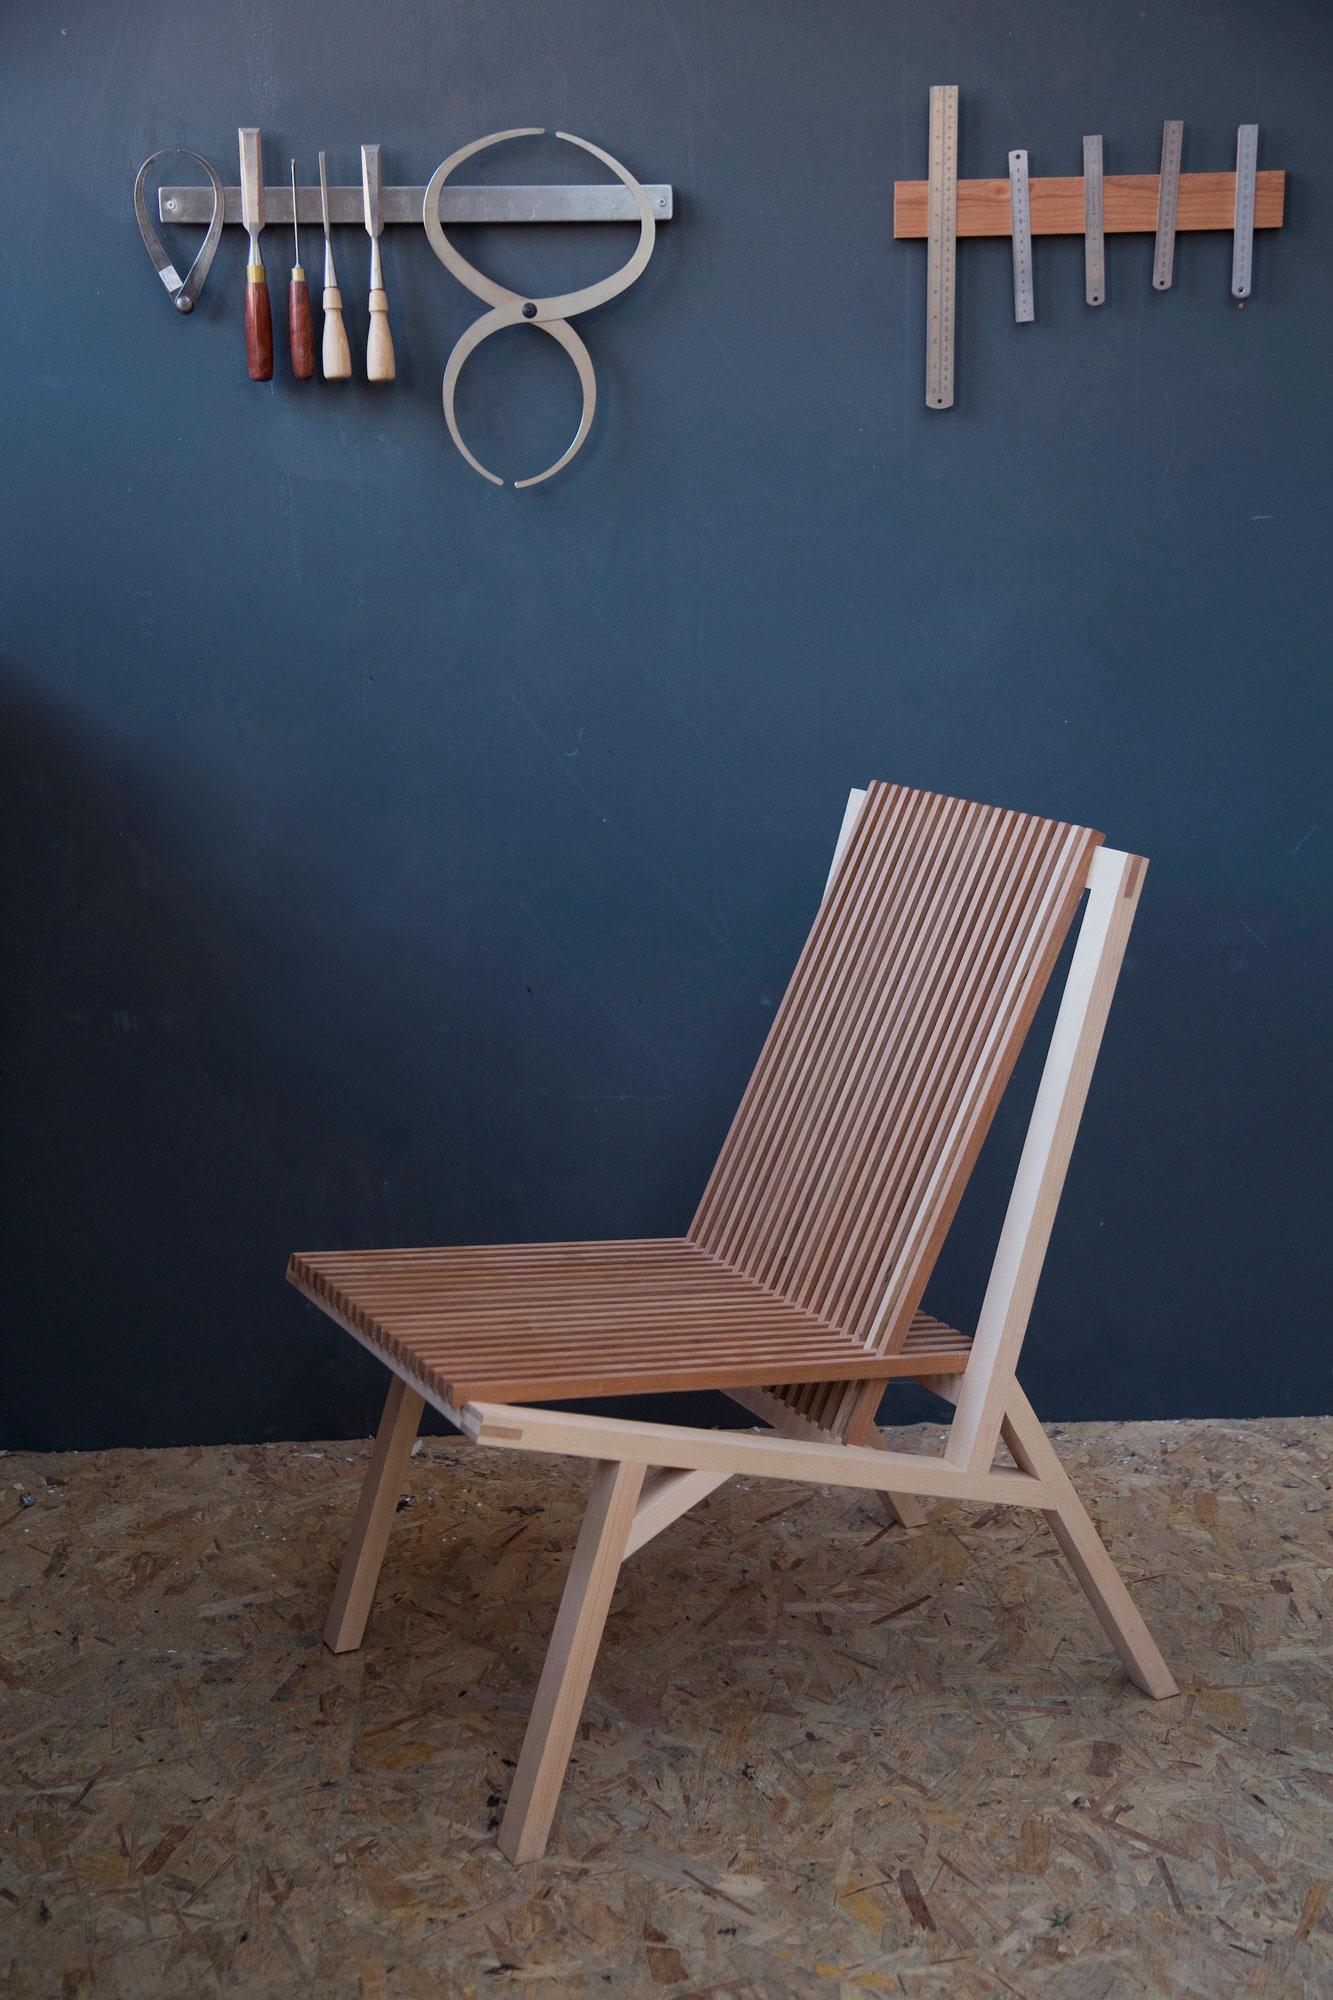 Slatted Chair, Emma Leslie